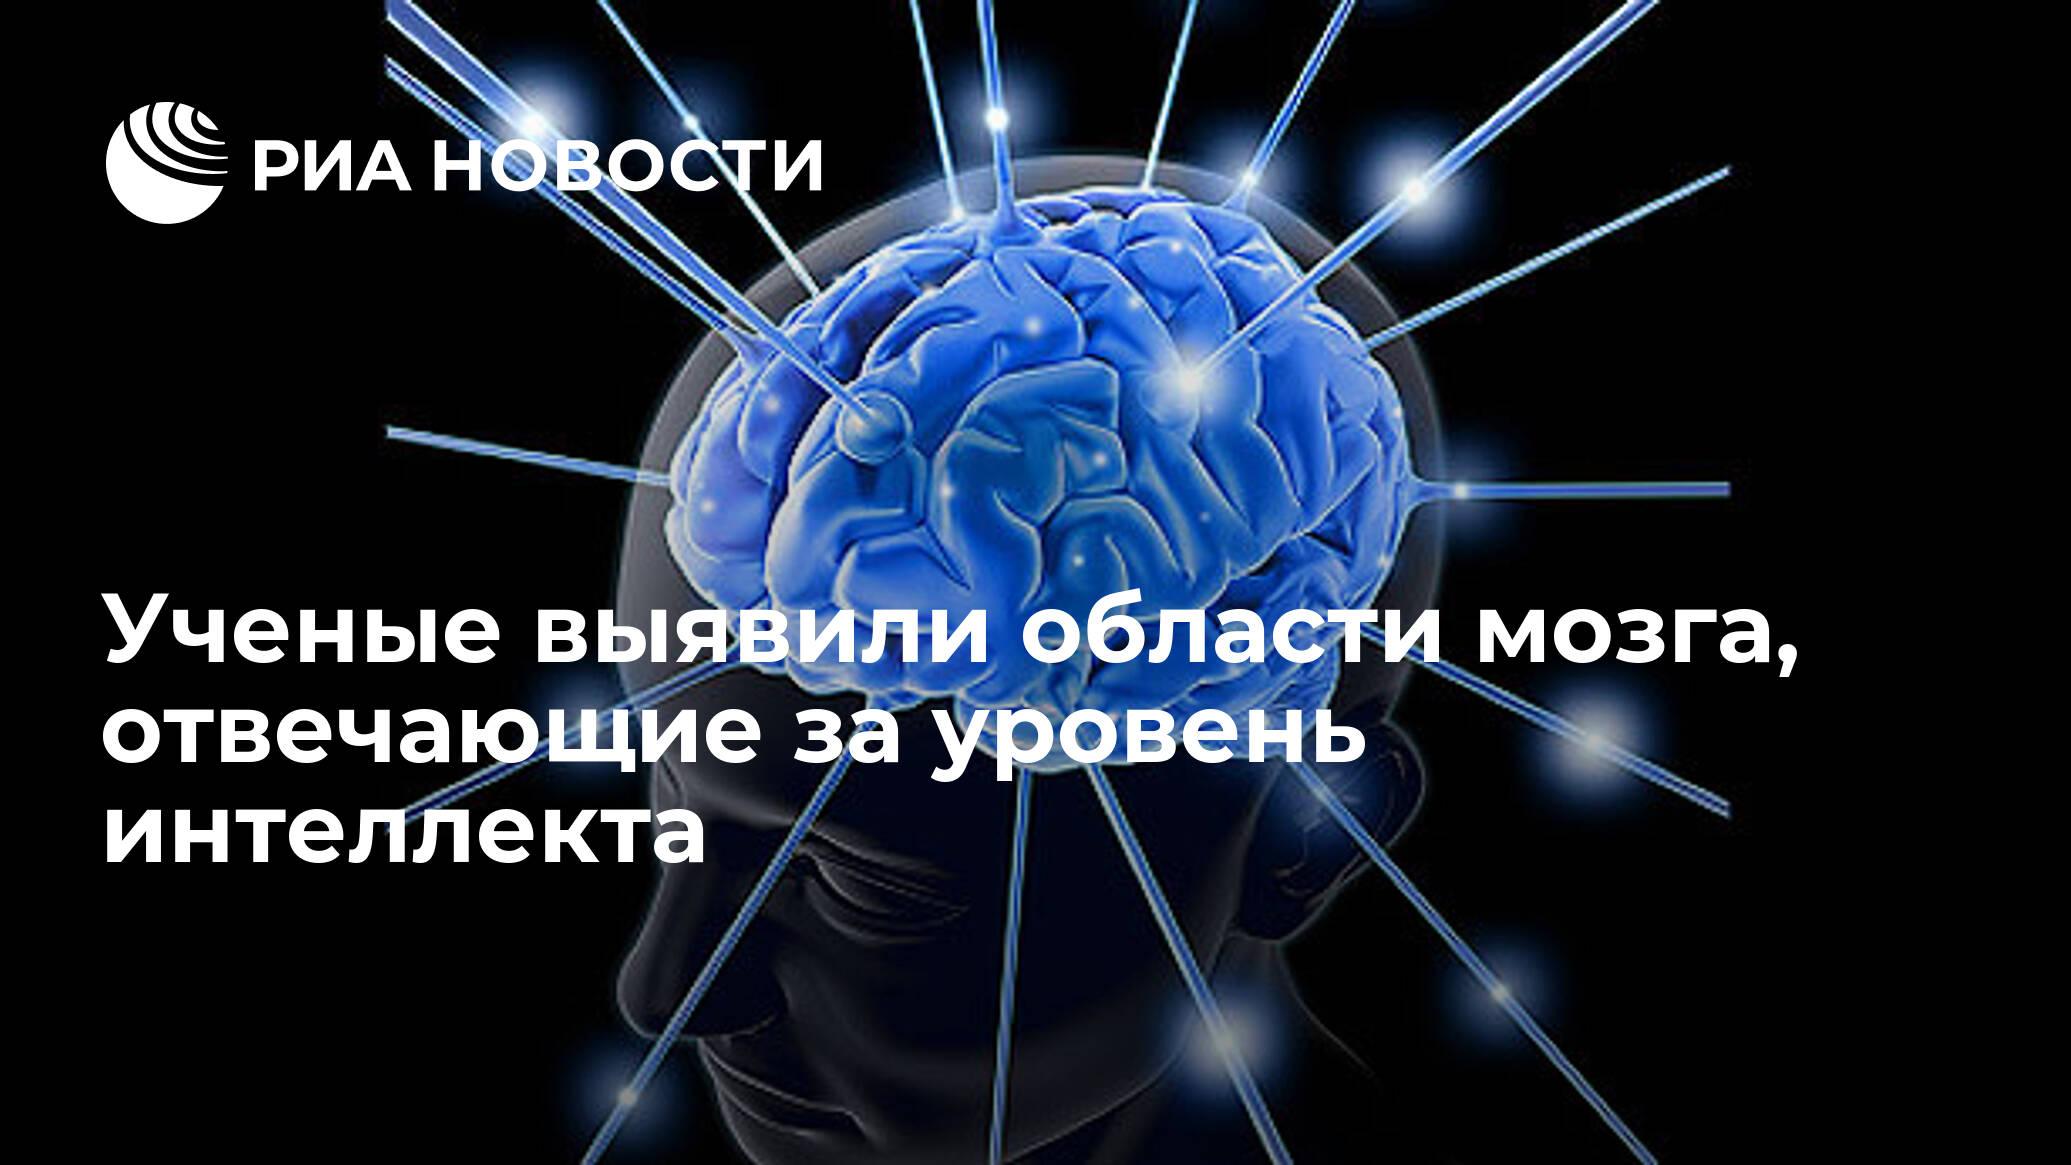 Ученые выявили области мозга, отвечающие за уровень интеллекта